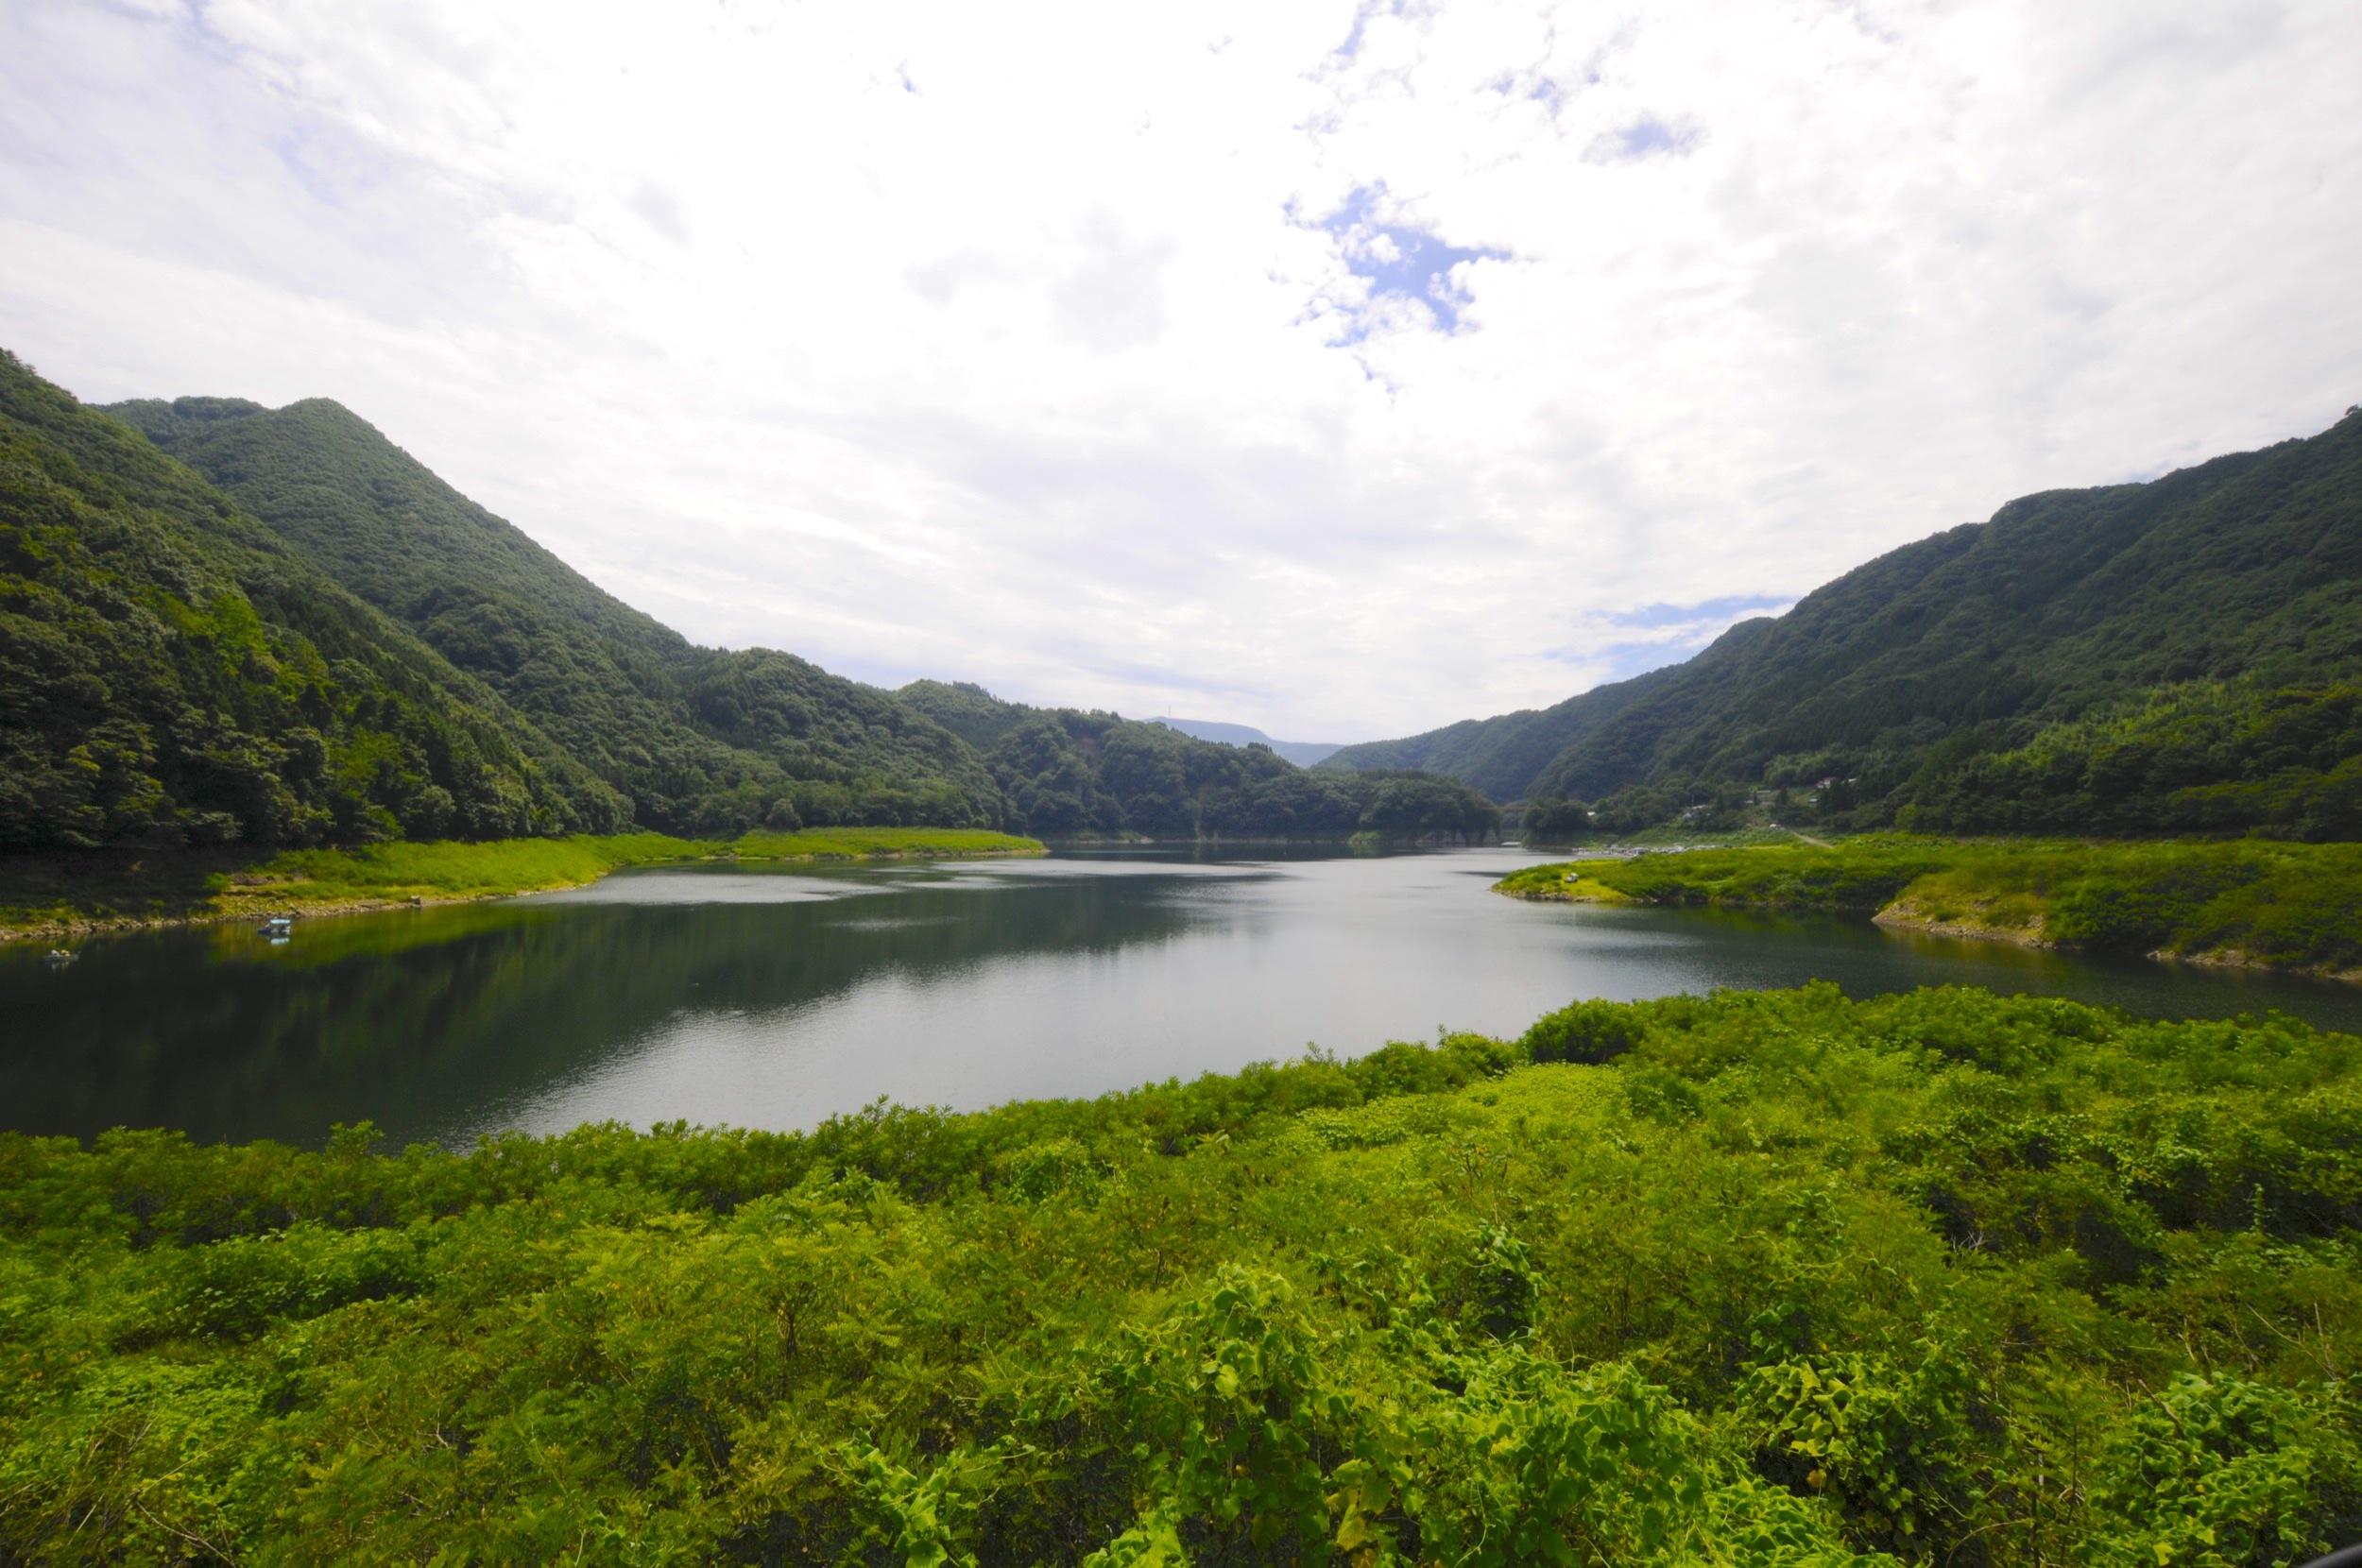 薗原湖(薗原ダム)